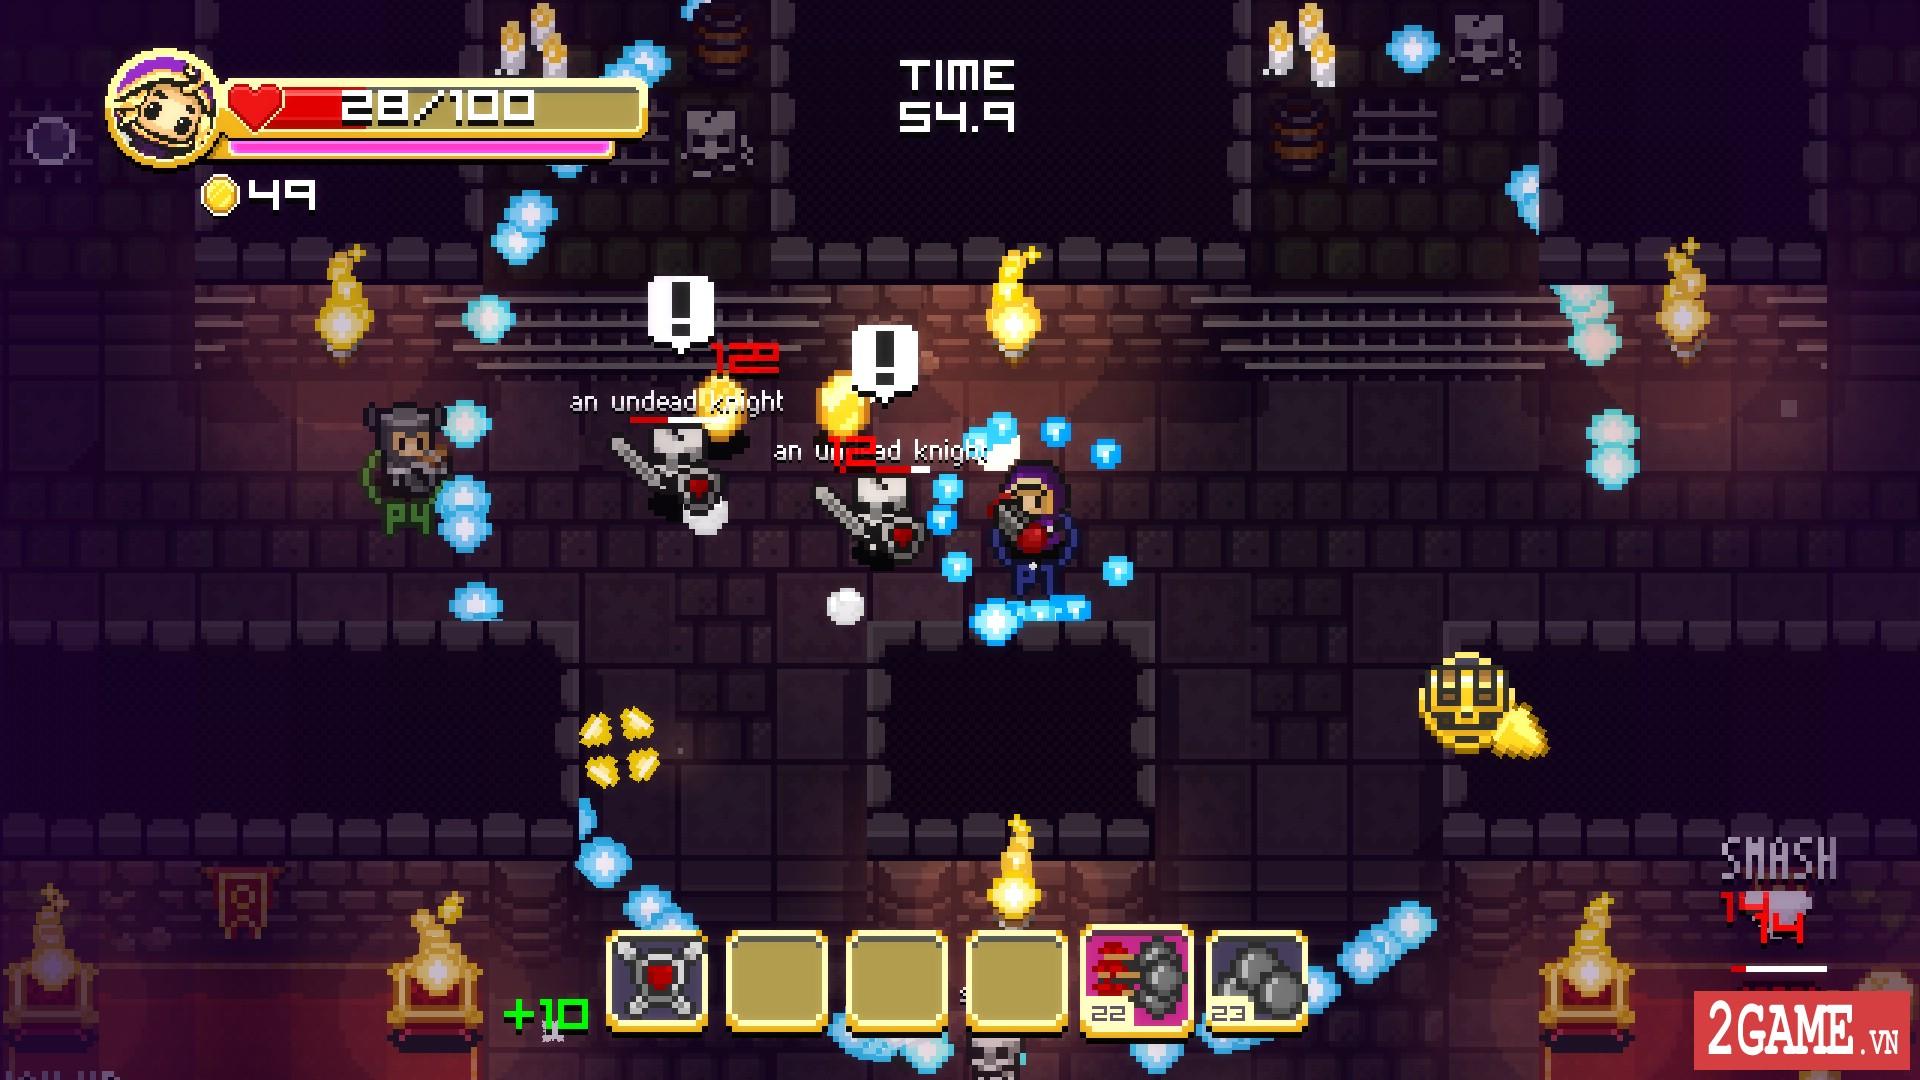 Super Treasure Arena – Game đấu trường sinh tử cực hấp dẫn mang đậm phong cách IO 2